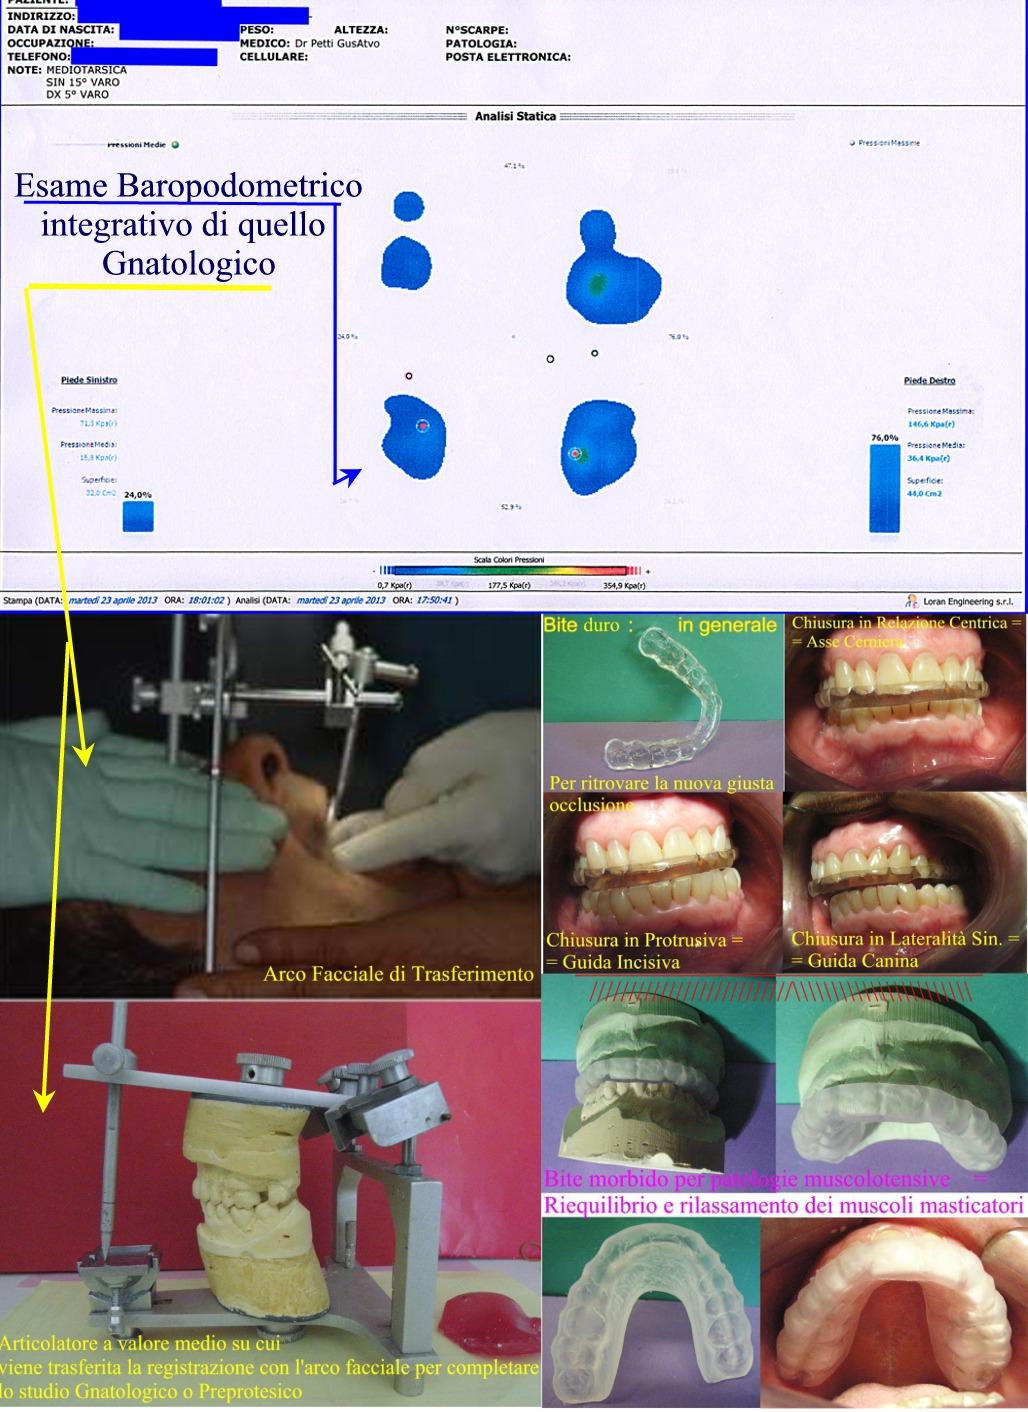 Diversi tipi di Bite. Arco Facciale di trasferimento. Articolatore a valore medio. Analisi Statica. Da Dr. Gustavo Petti Parodontologo Gnatologo di Cagliari